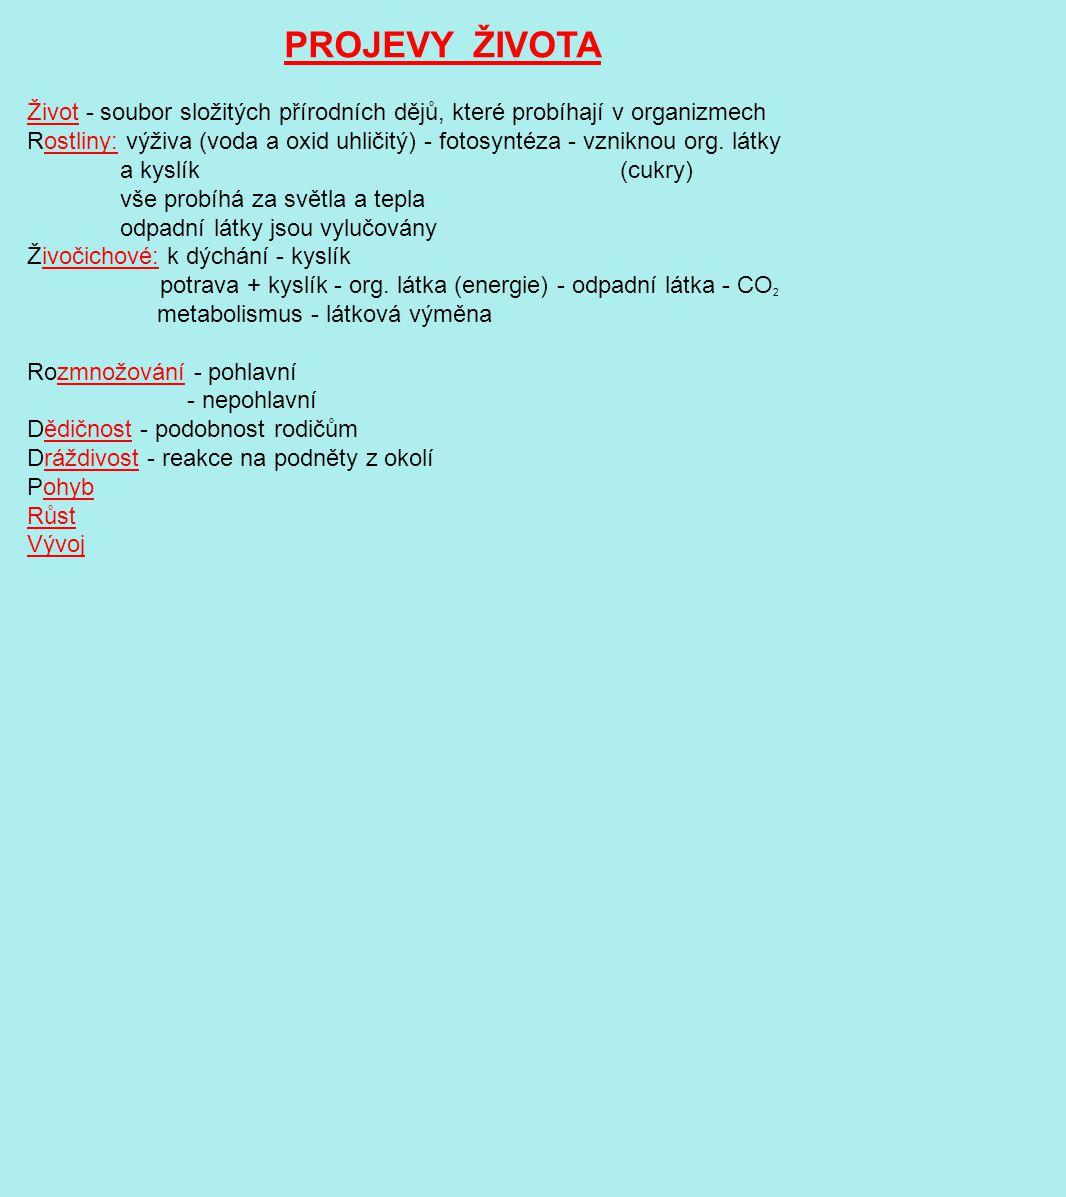 VZDUŠNICOVCI - vzdušnice - trubičky na dýchání 1.Mnohonožky 2.